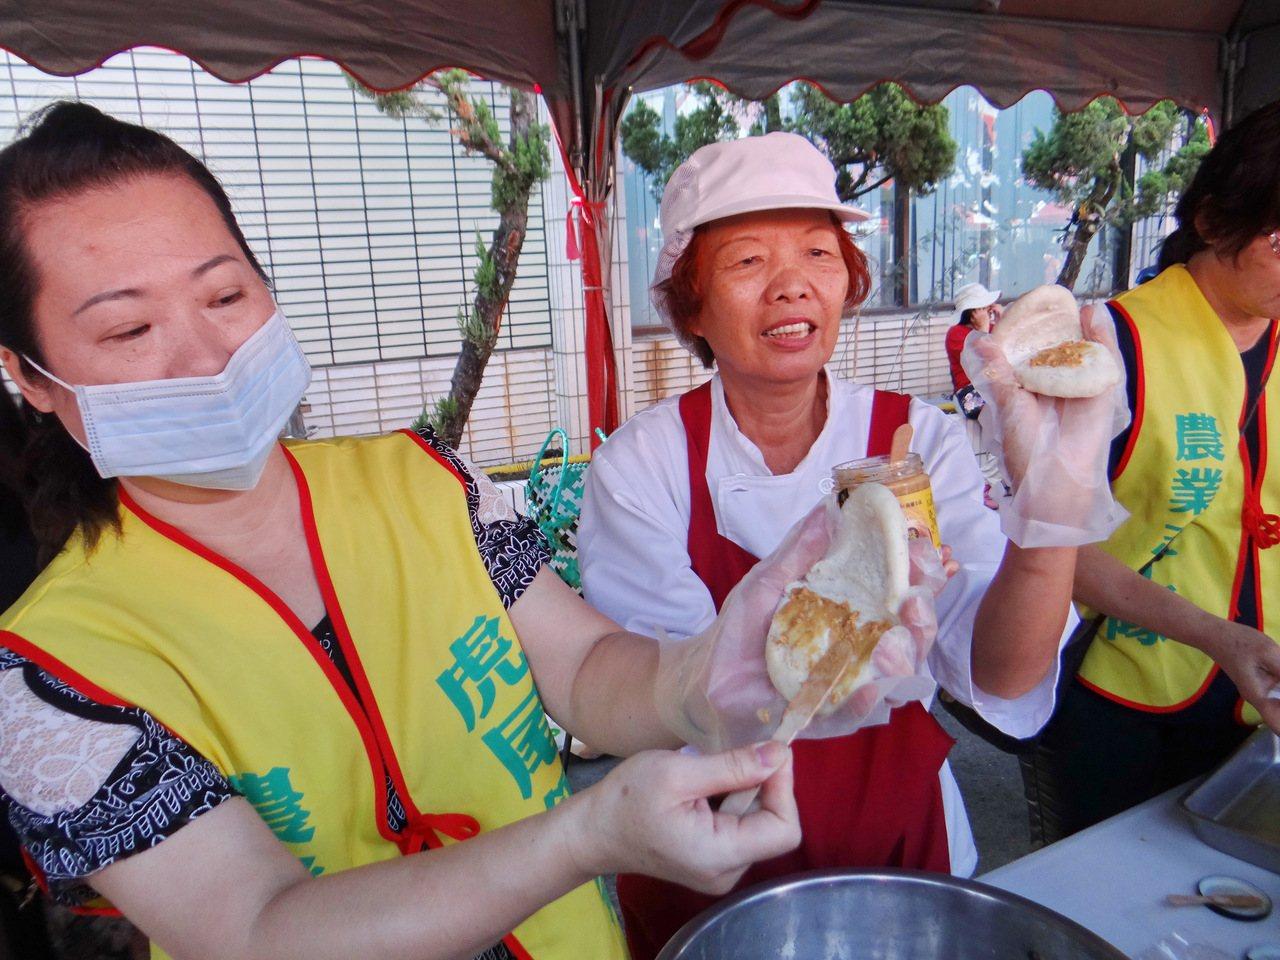 虎尾農會不僅推出履歷粽,家政班媽媽更製作花生刈包,美味可口。記者蔡維斌/攝影